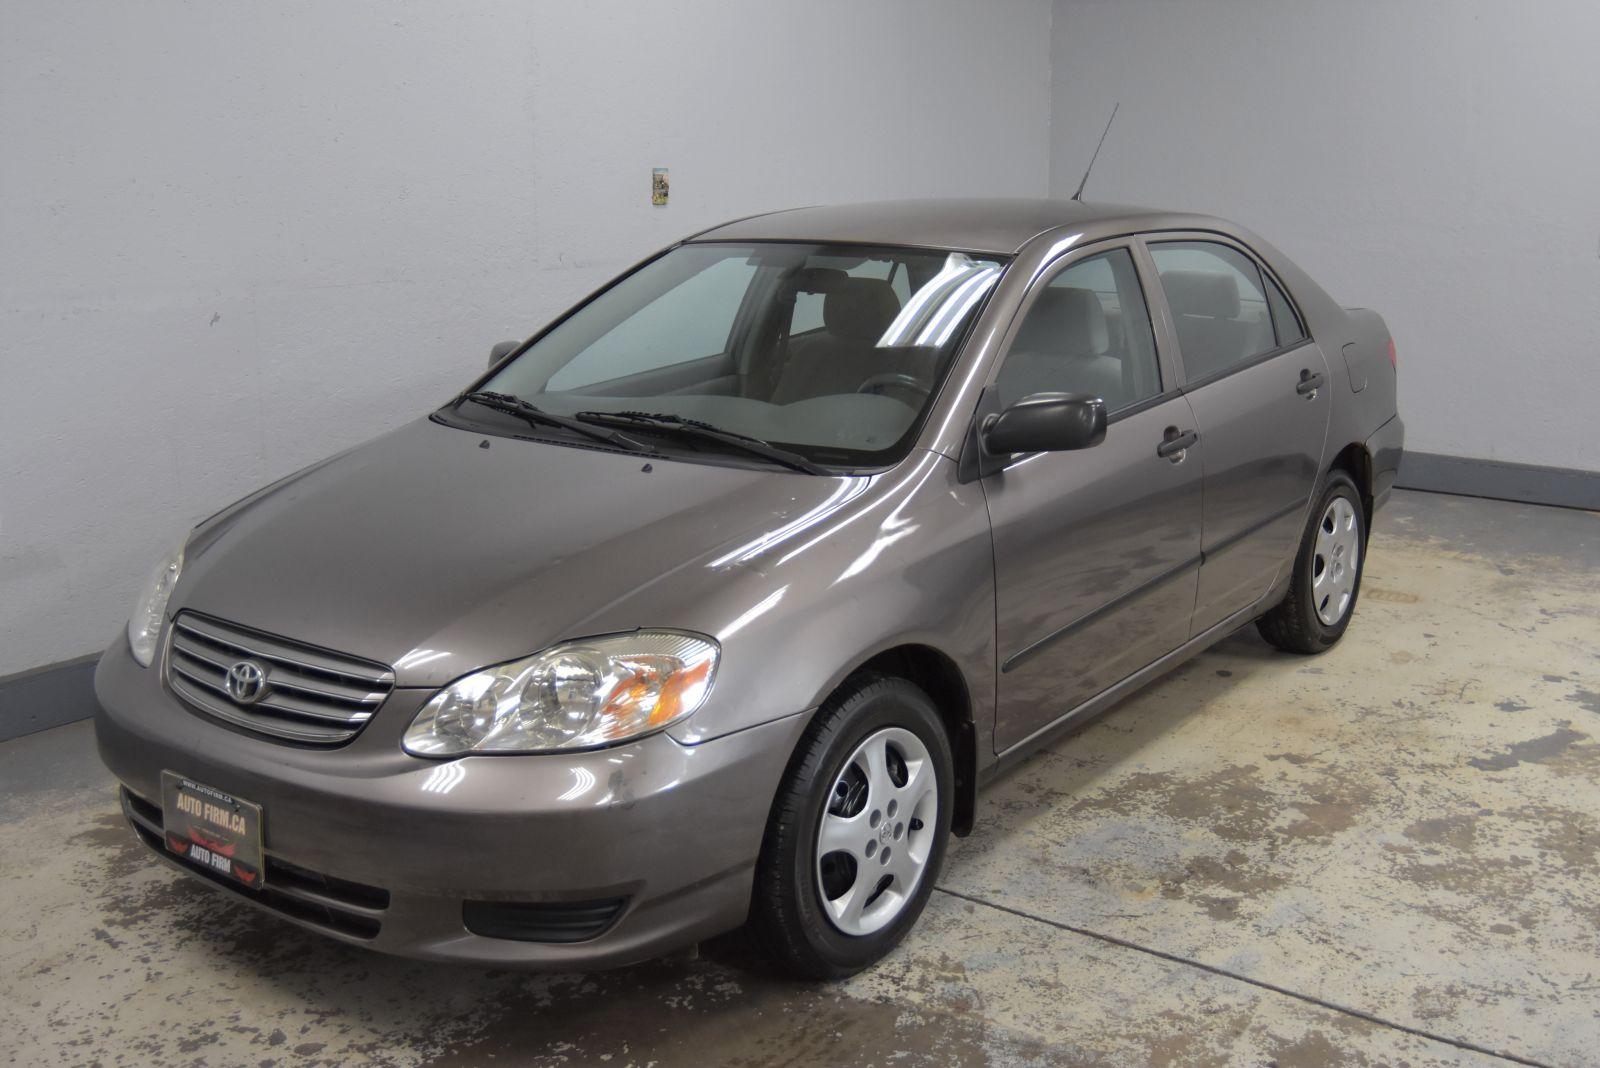 2003 Toyota Corolla Image